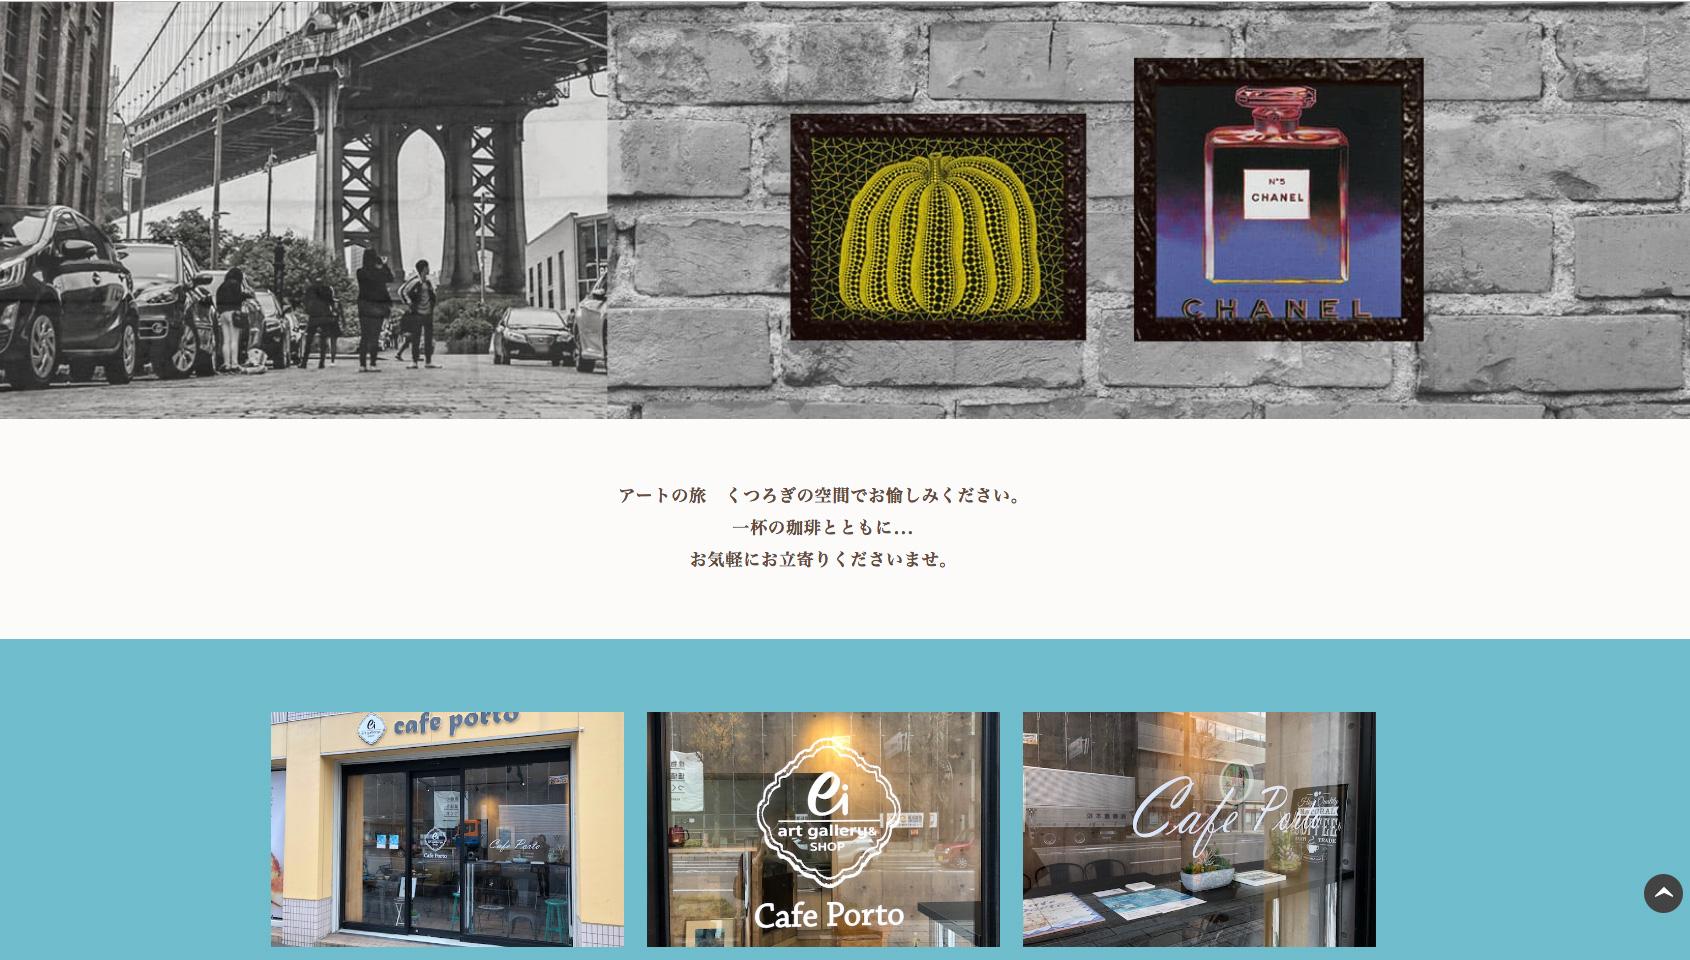 松本にオープンする「eiアートギャラリー・Cafe Porto」様のホームページができました。